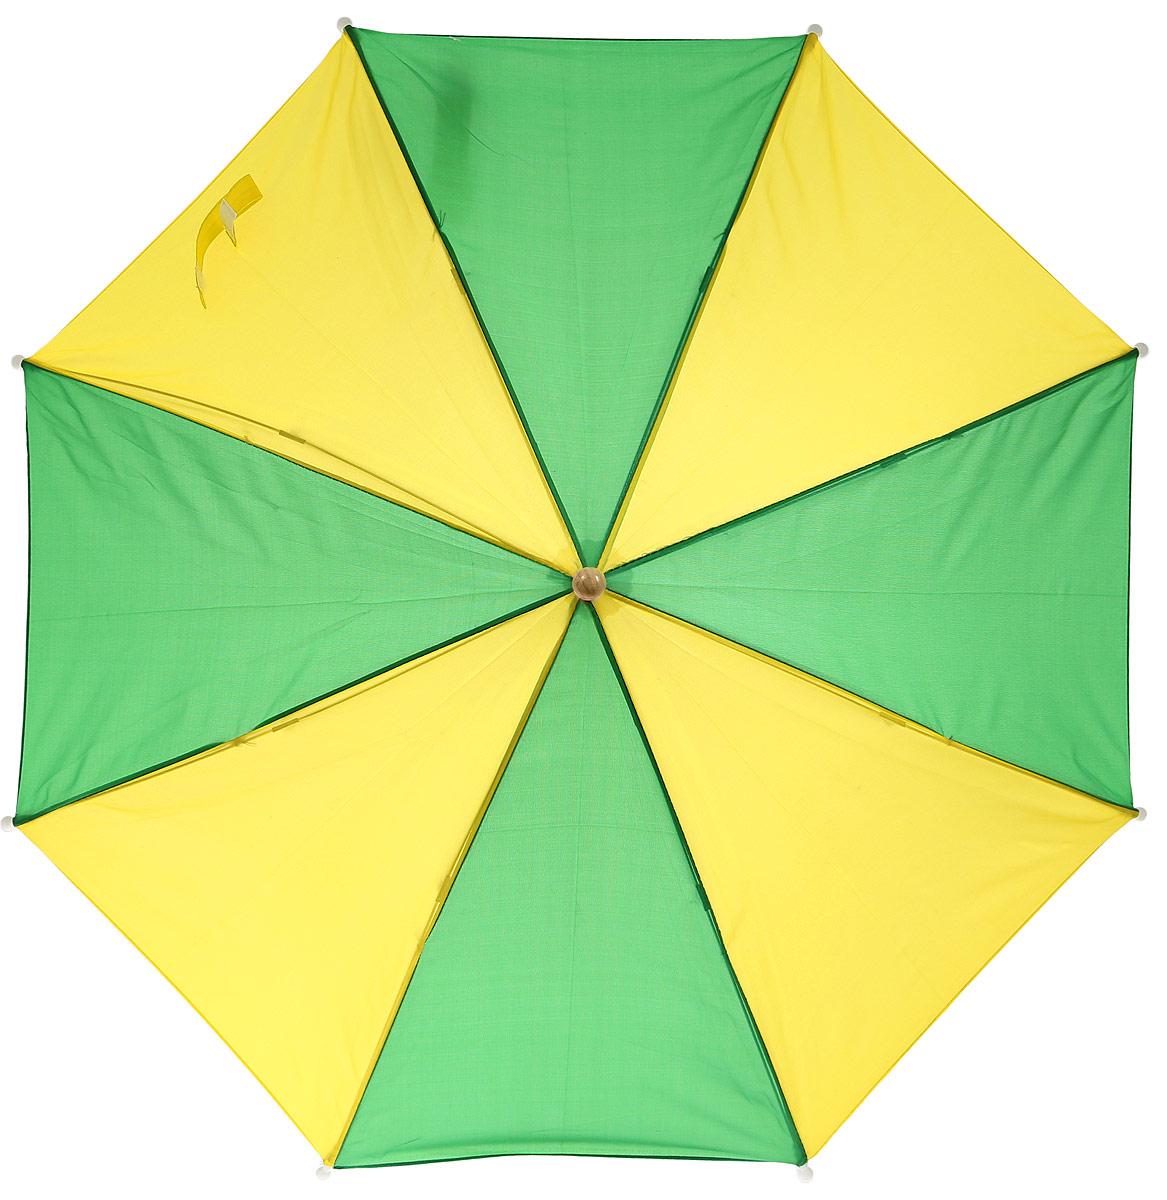 Classic World Зонт Лягушонок2369Современный зонт Classic World Лягушонок защитит от солнечных лучей и осадков вашего ребенка. Зонт оснащен жесткими спицами, которые препятствуют его деформации под действием ветра. Благодаря оригинальному и яркому дизайну ваш малыш всегда будет выглядеть стильно, а удобная рукоятка выполненная в виде лягушонка не даст его потерять. Рекомендуется детям от 3-х лет.